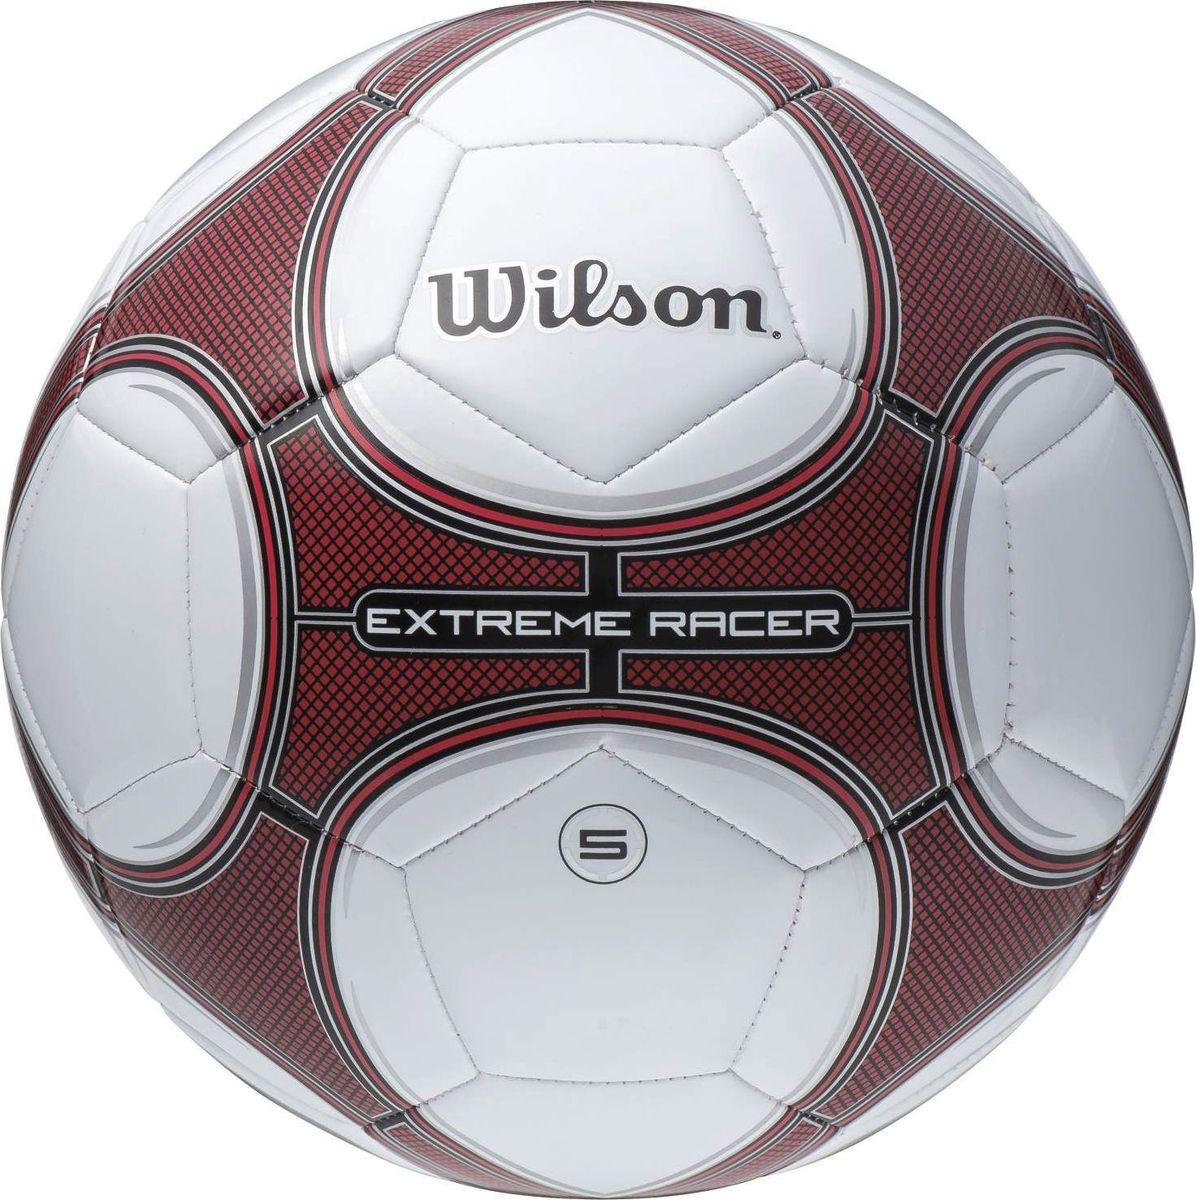 Мяч футбольный Wilson Extreme Racer, цвет: красный, белый. Размер 5WTE8719XB05Футбольный мяч Wilson Extreme Racer выполнен из композитных материалов. Мяч имеет 32 панели, сшитые вручную. Устойчив к трению и износу, подходит для игры на любых поверхностях в любых погодных условиях. Футбольный мяч Wilson Extreme Racer может выдерживать не только грунтовые поверхности, но и асфальт, он стойкий к сильным ударам, комфортный и оригинальный благодаря своему дизайну.Длина окружности: 68 см. УВАЖАЕМЫЕ КЛИЕНТЫ!Просим обратить ваше внимание на тот факт, что мяч поставляется в сдутом состоянии и надувается при помощи насоса (насос не входит в комплект).